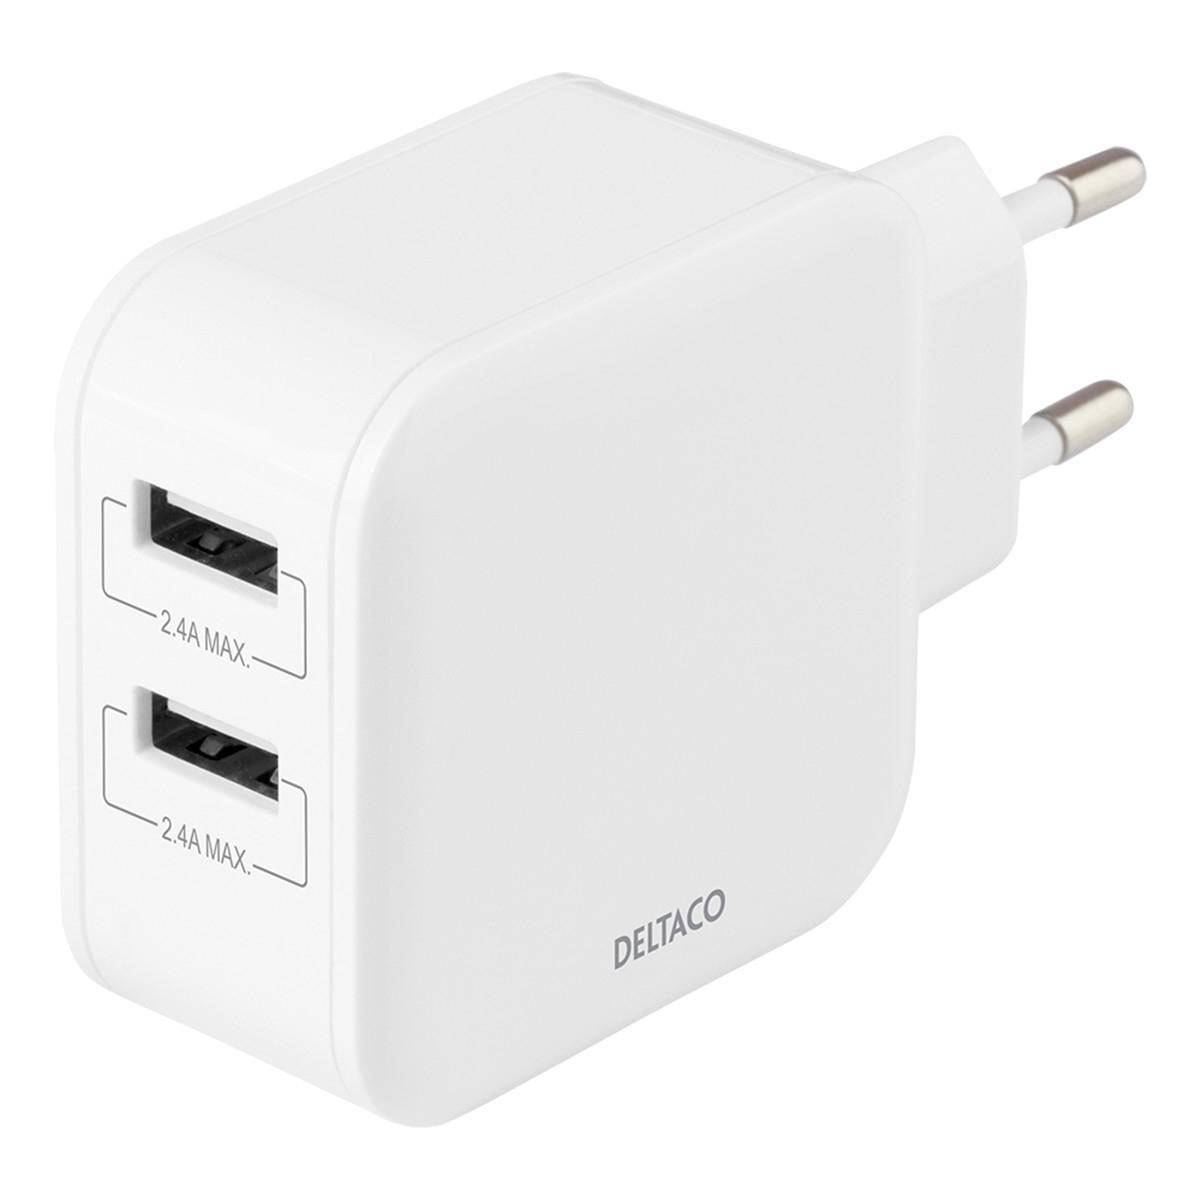 Deltaco Väggladdare med dubbla USB-A portar, 4.8A, 24W, vit